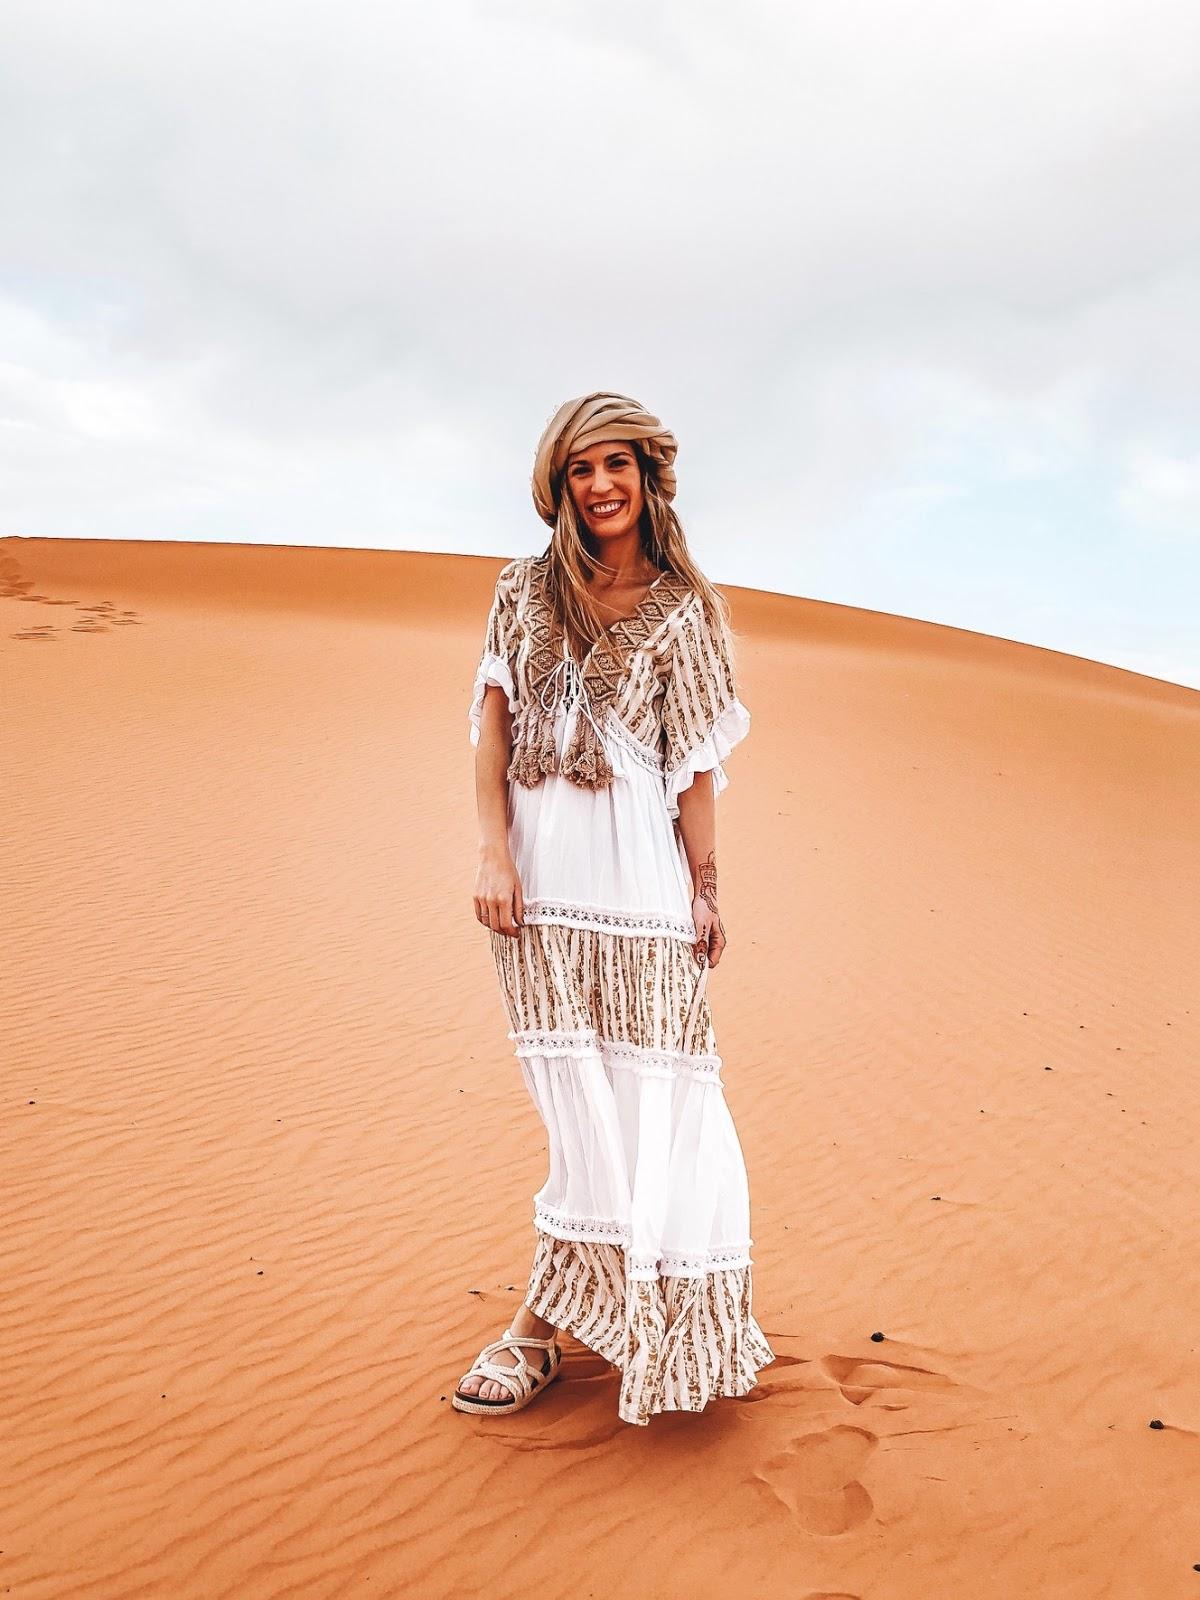 que ropa me pongo para ir al desierto